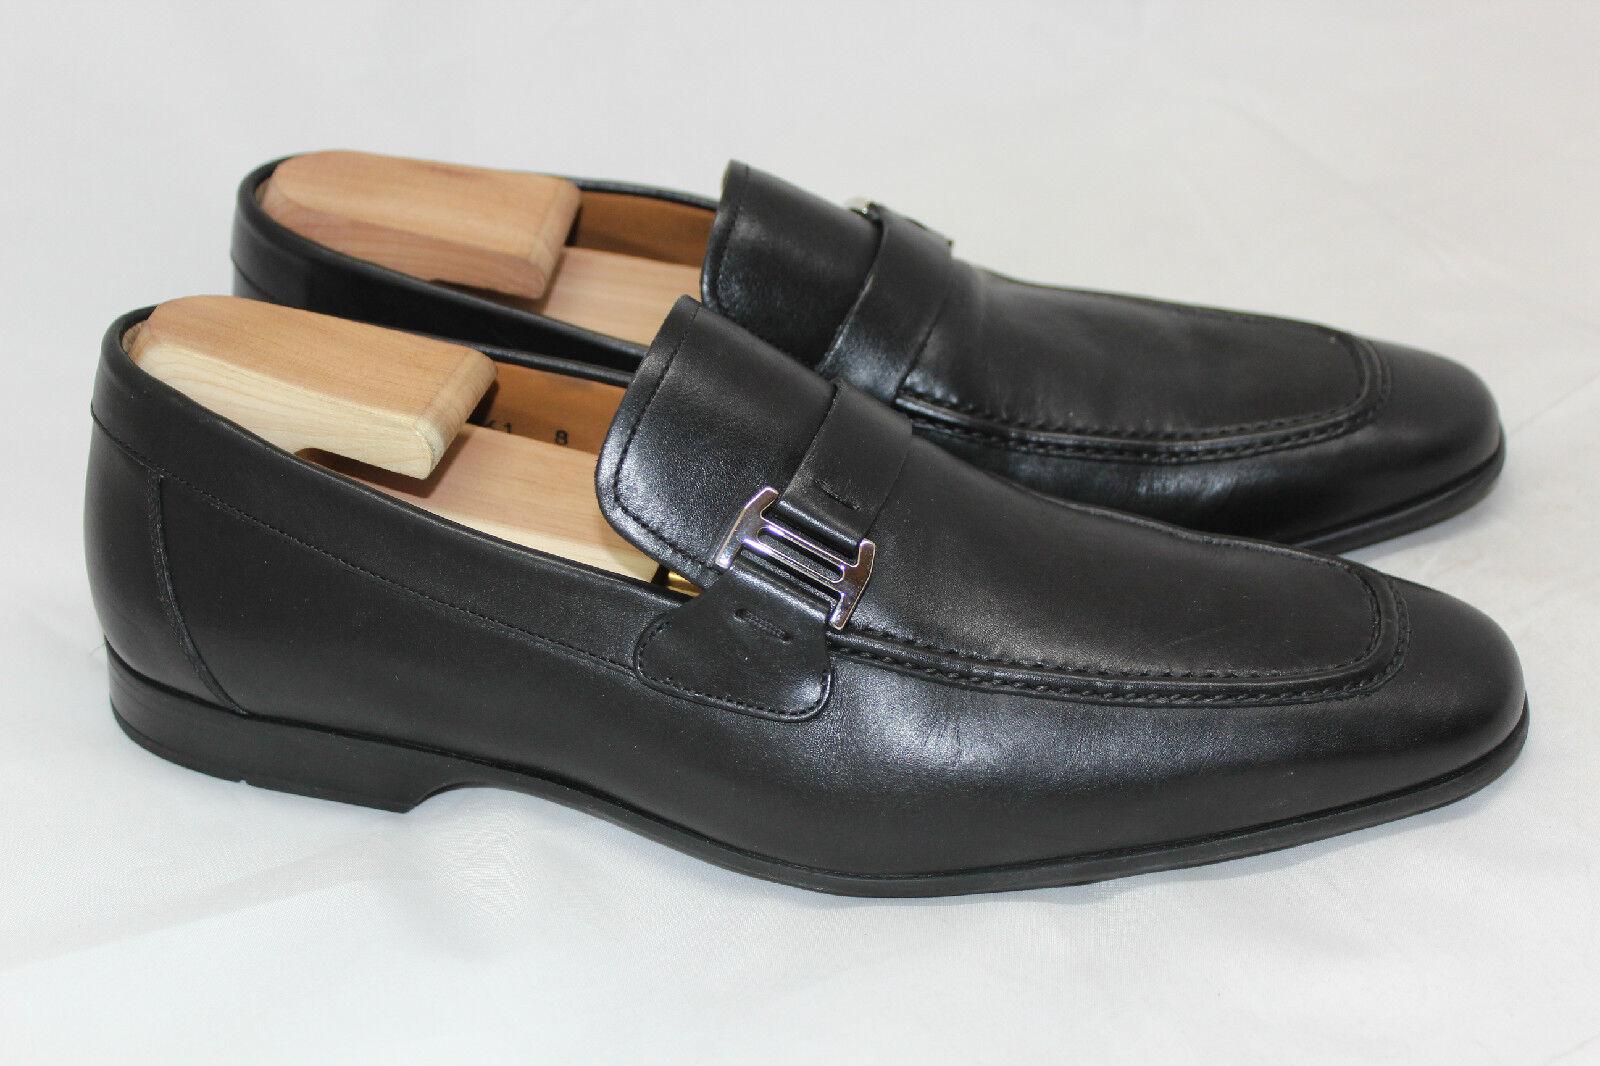 Magnanni pour homme  Lino  Mocassin Chaussure à Enfiler-Noir Taille 8 M - 15061 (V13)